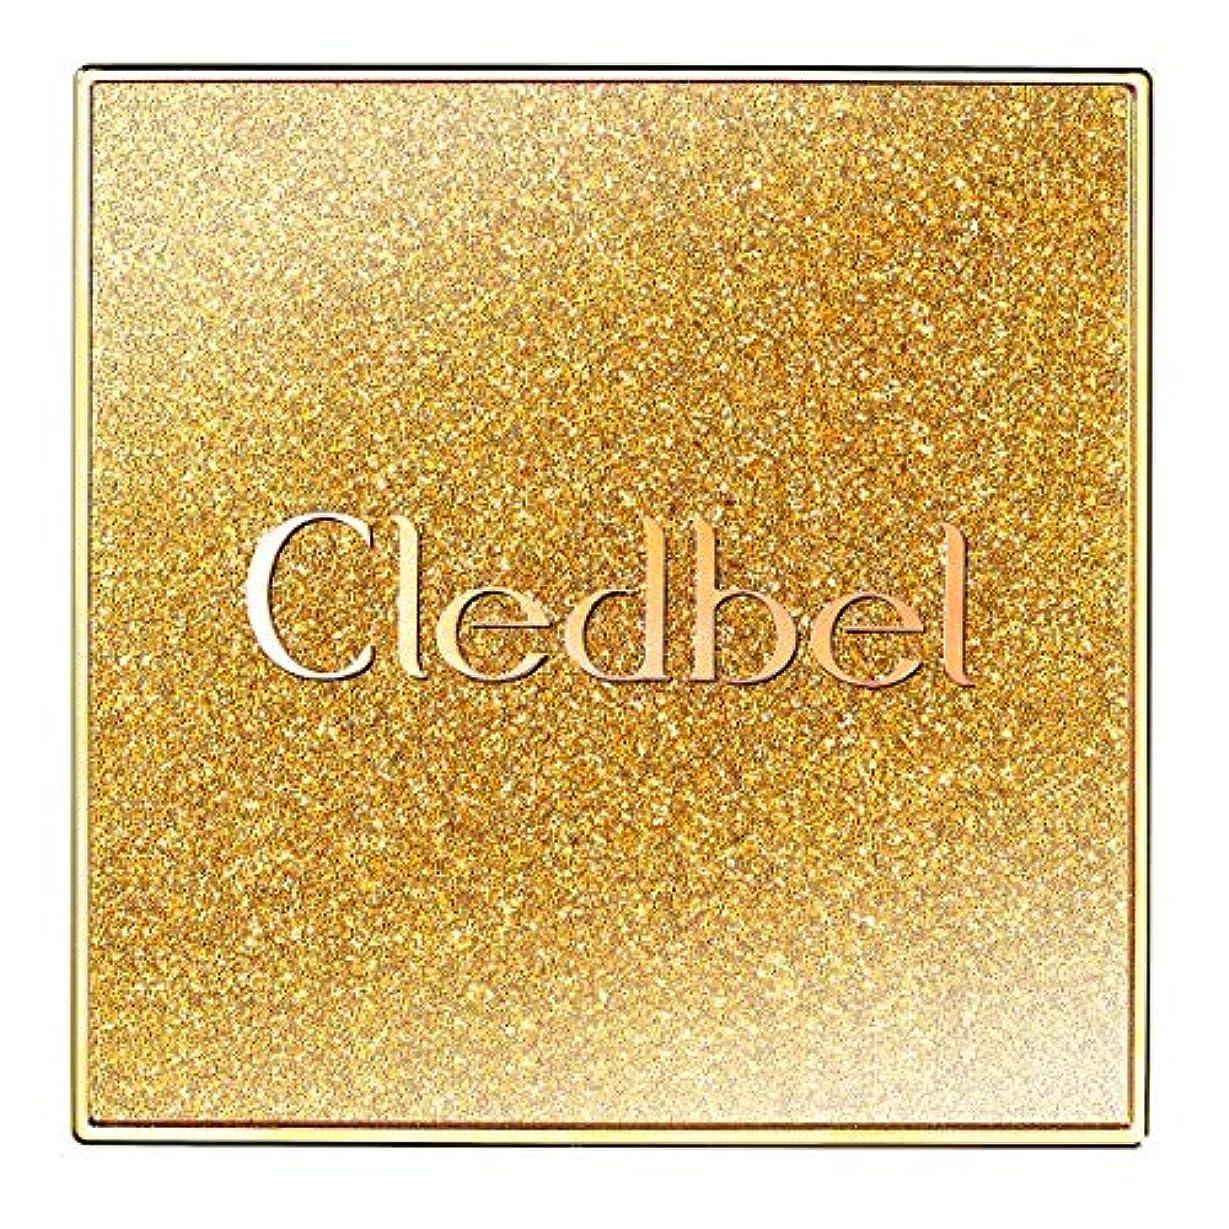 すべて不完全メニュー[Cledbel] Miracle Power Lift V Cushion SPF50+ PA+++ GOLD EDITION/クレッドベルミラクルリフトV クッション [並行輸入品]